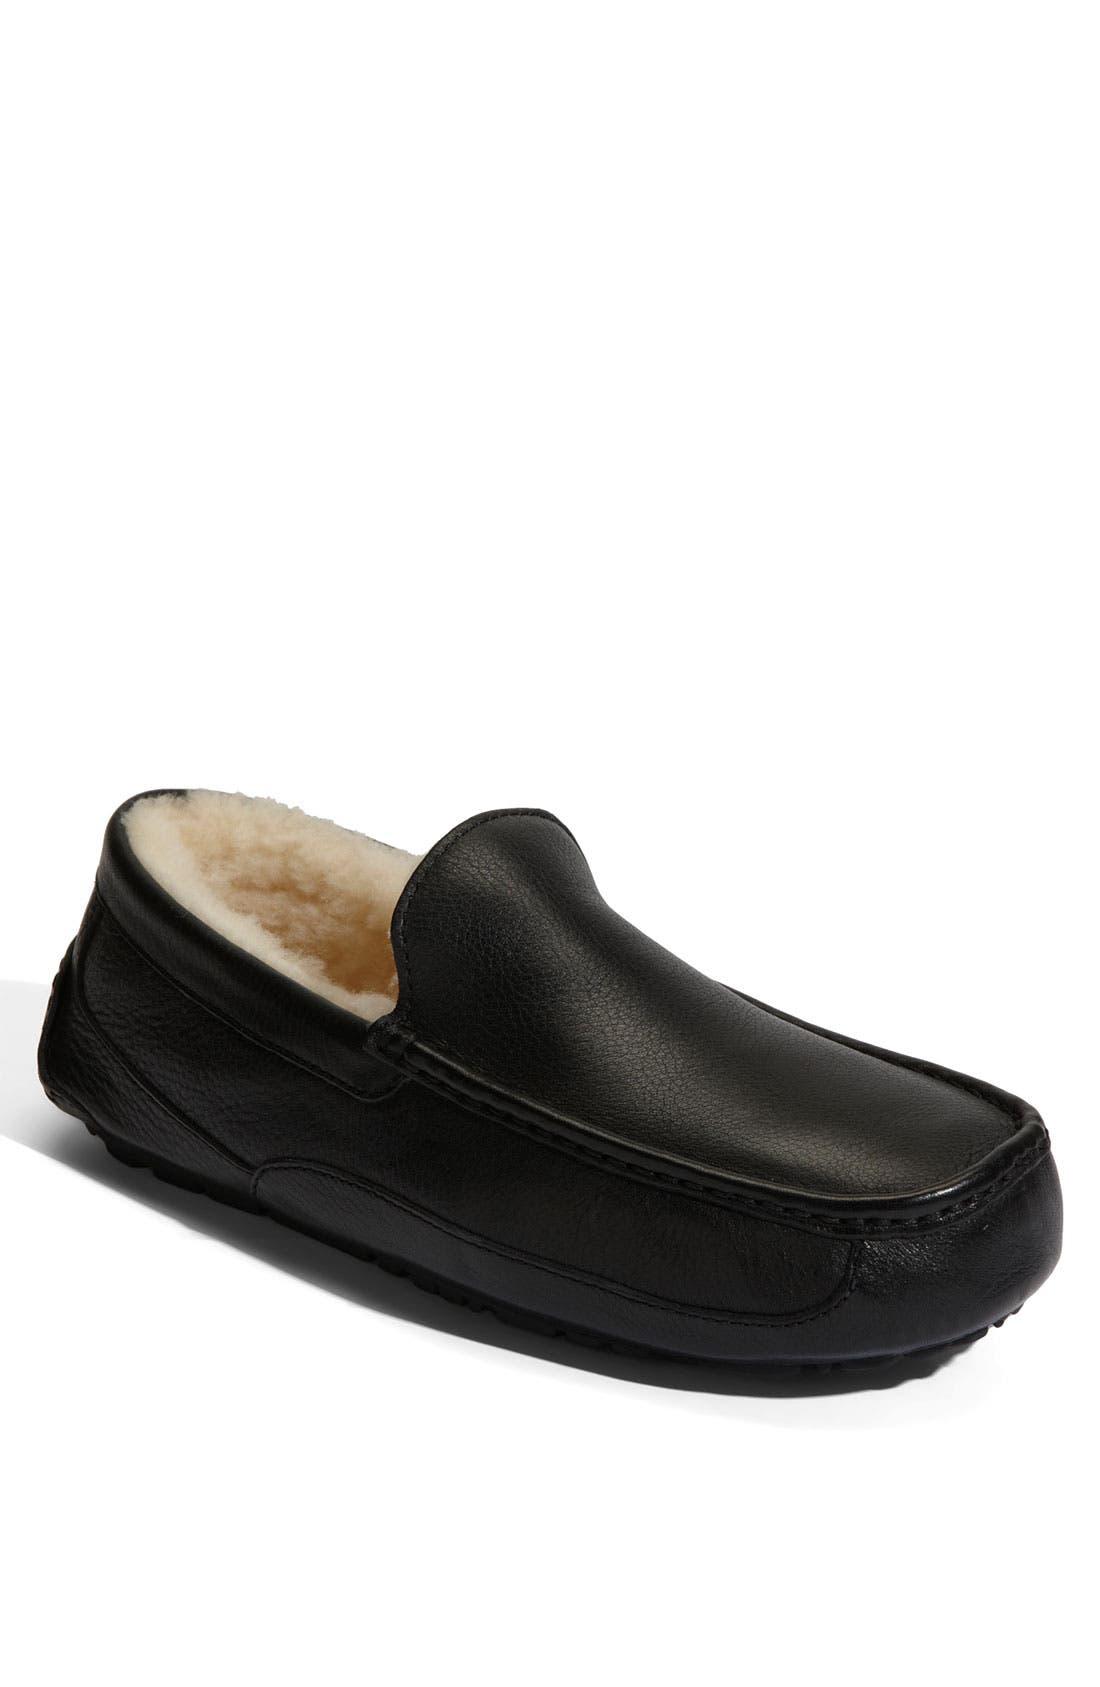 Alternate Image 1 Selected - UGG® Ascot Leather Slipper (Men)